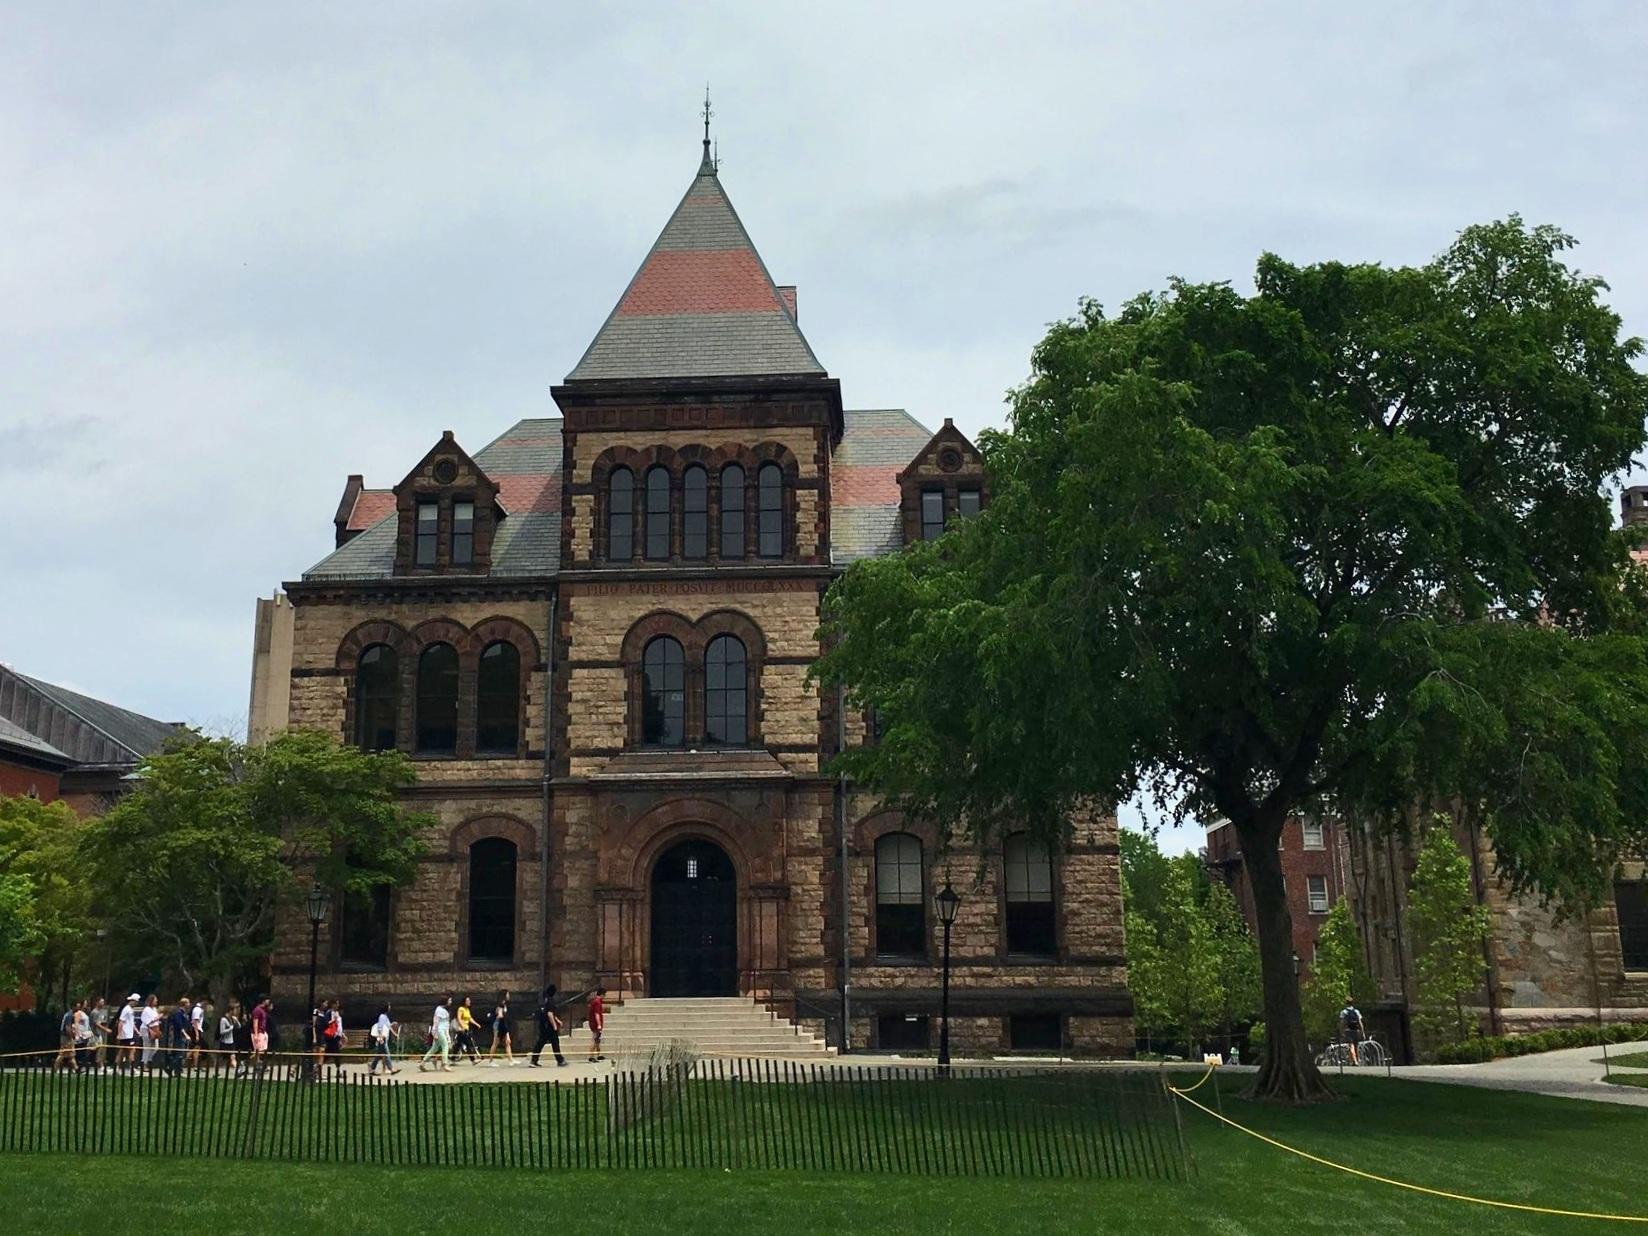 Rhode Island college visit, Summer 2019